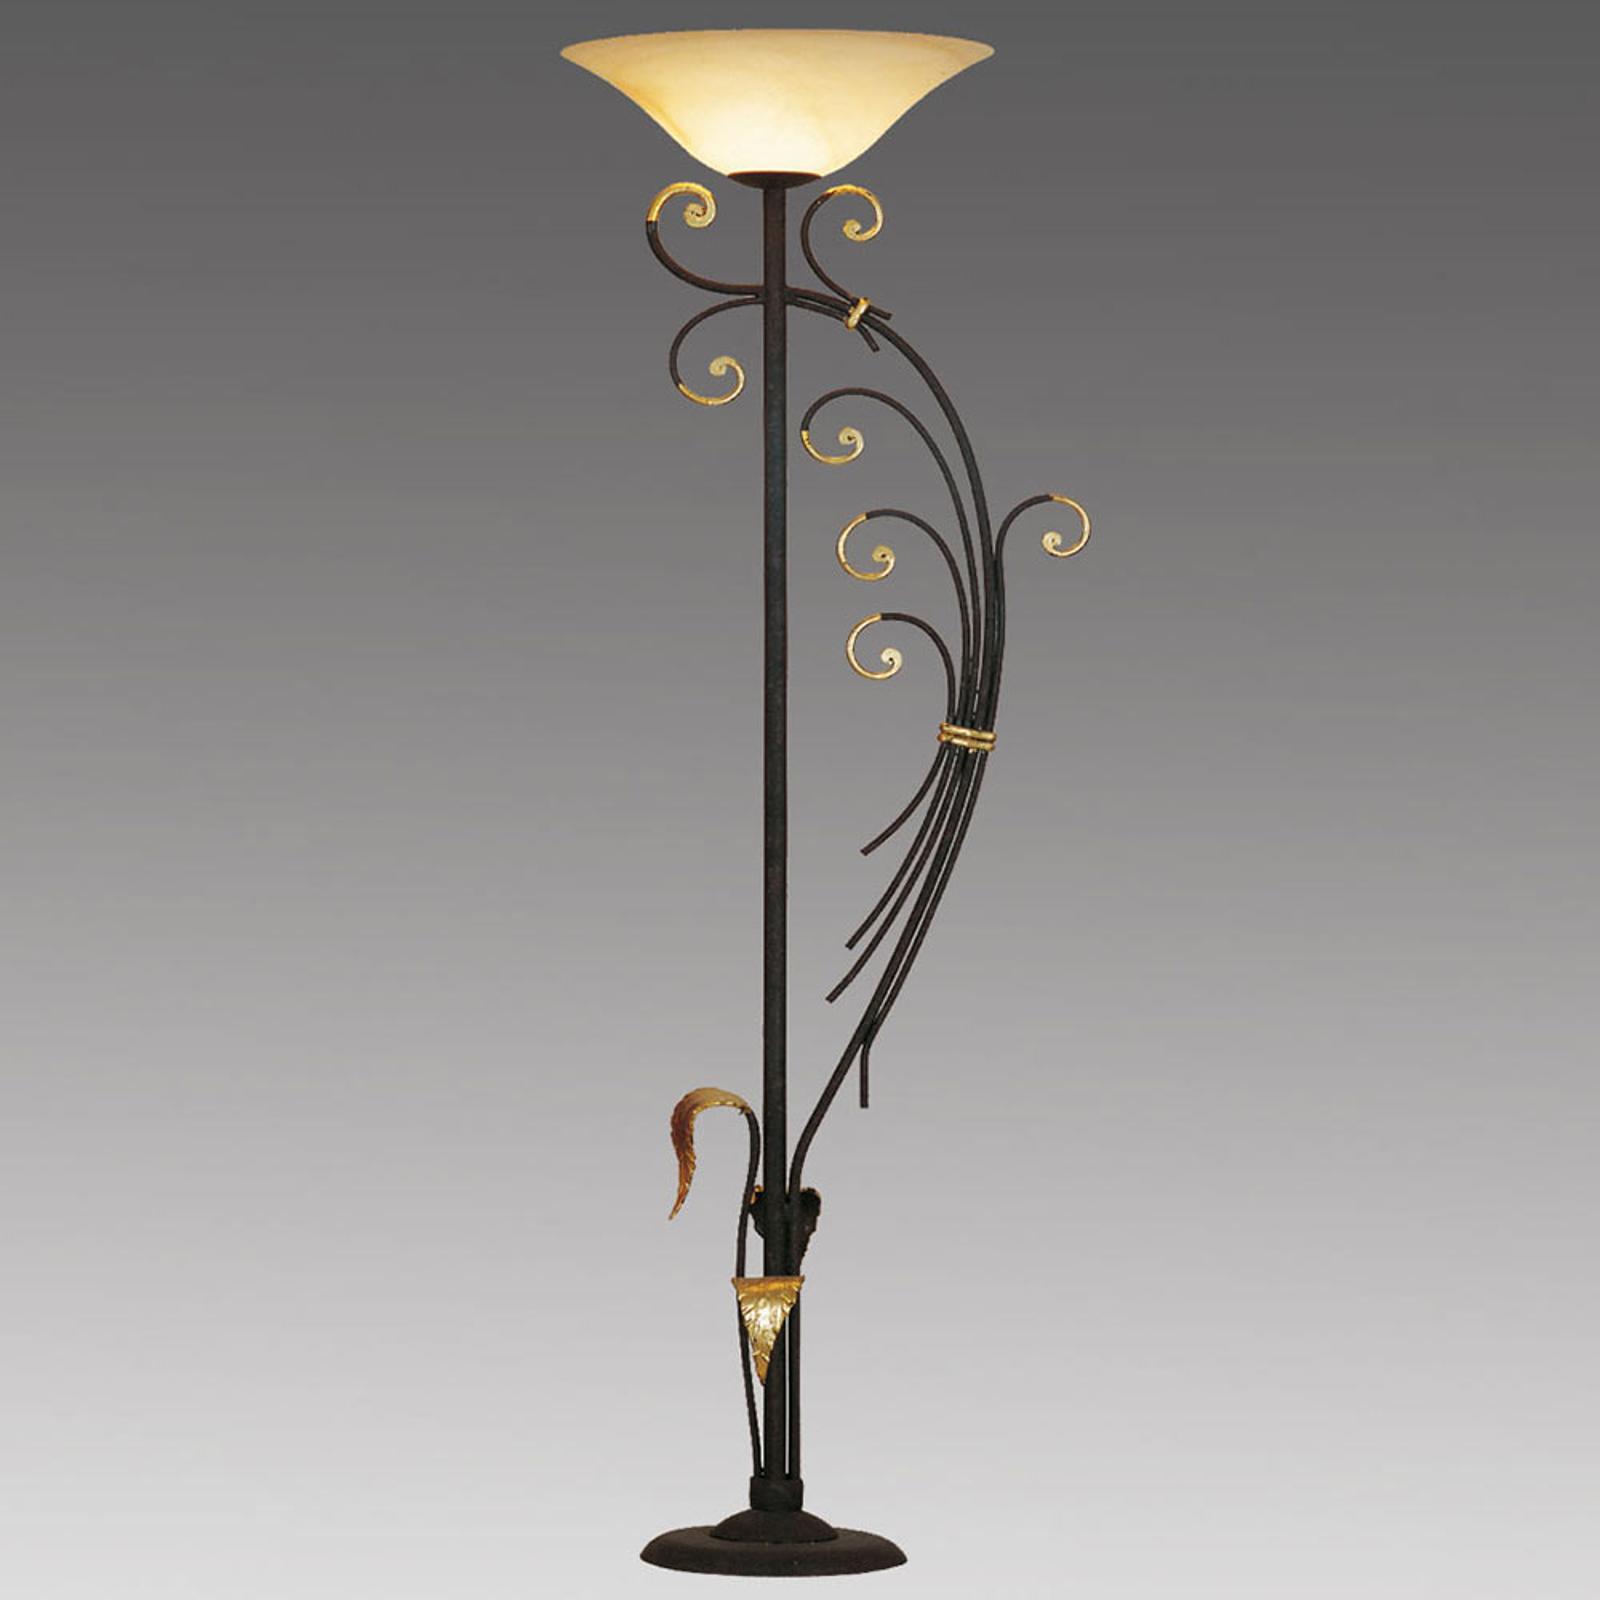 Lampa stojąca Florence ze złotem w listkach